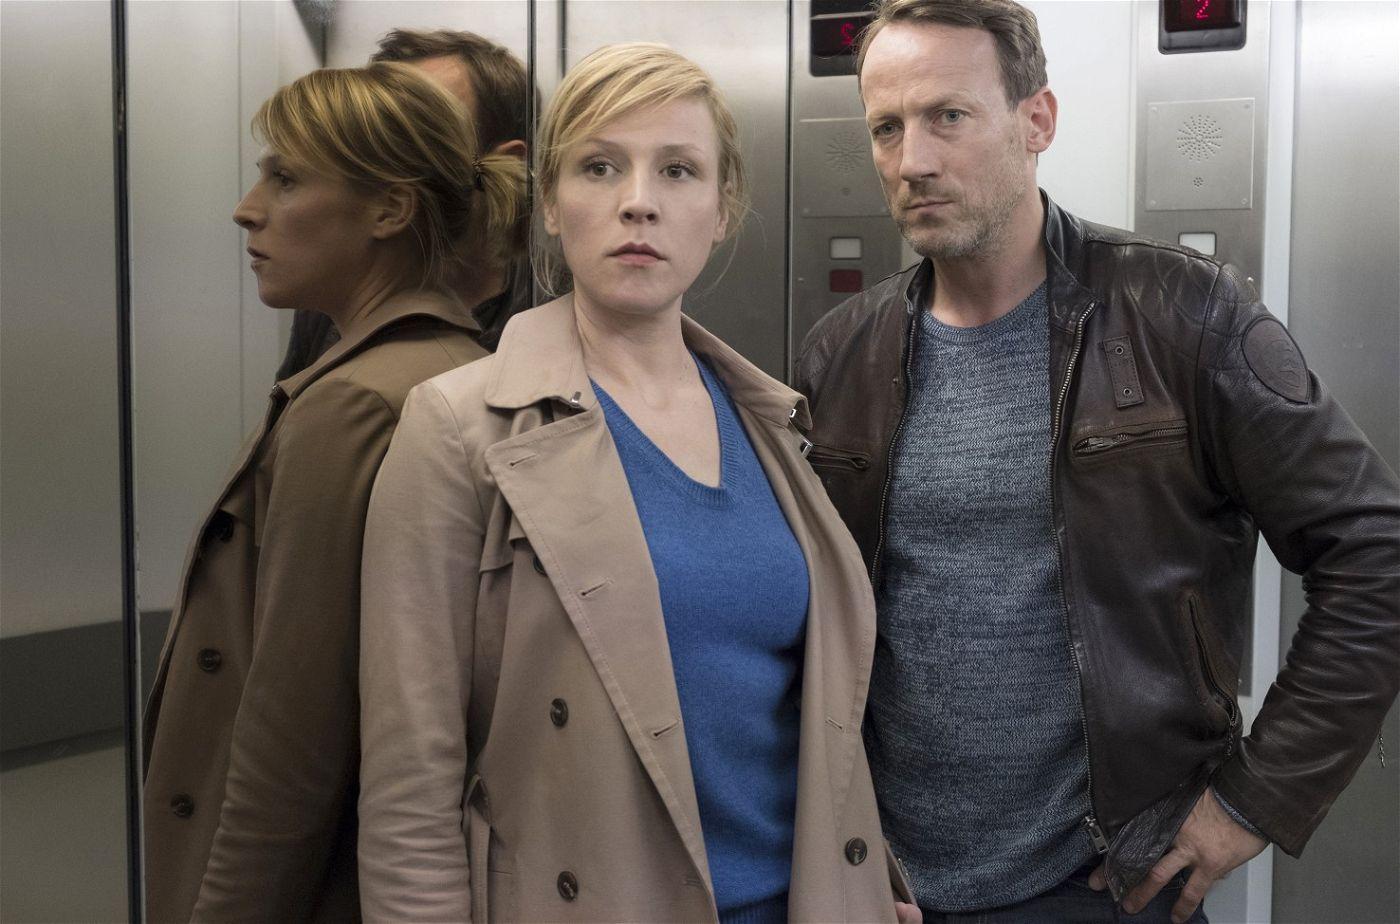 """Thorsten Falke (Wotan Wilke Möhring) und Julia Grosz (Franziska Weisz) müssen im """"Tatort: Dunkle Zeit"""" eine Politikerin schützen."""